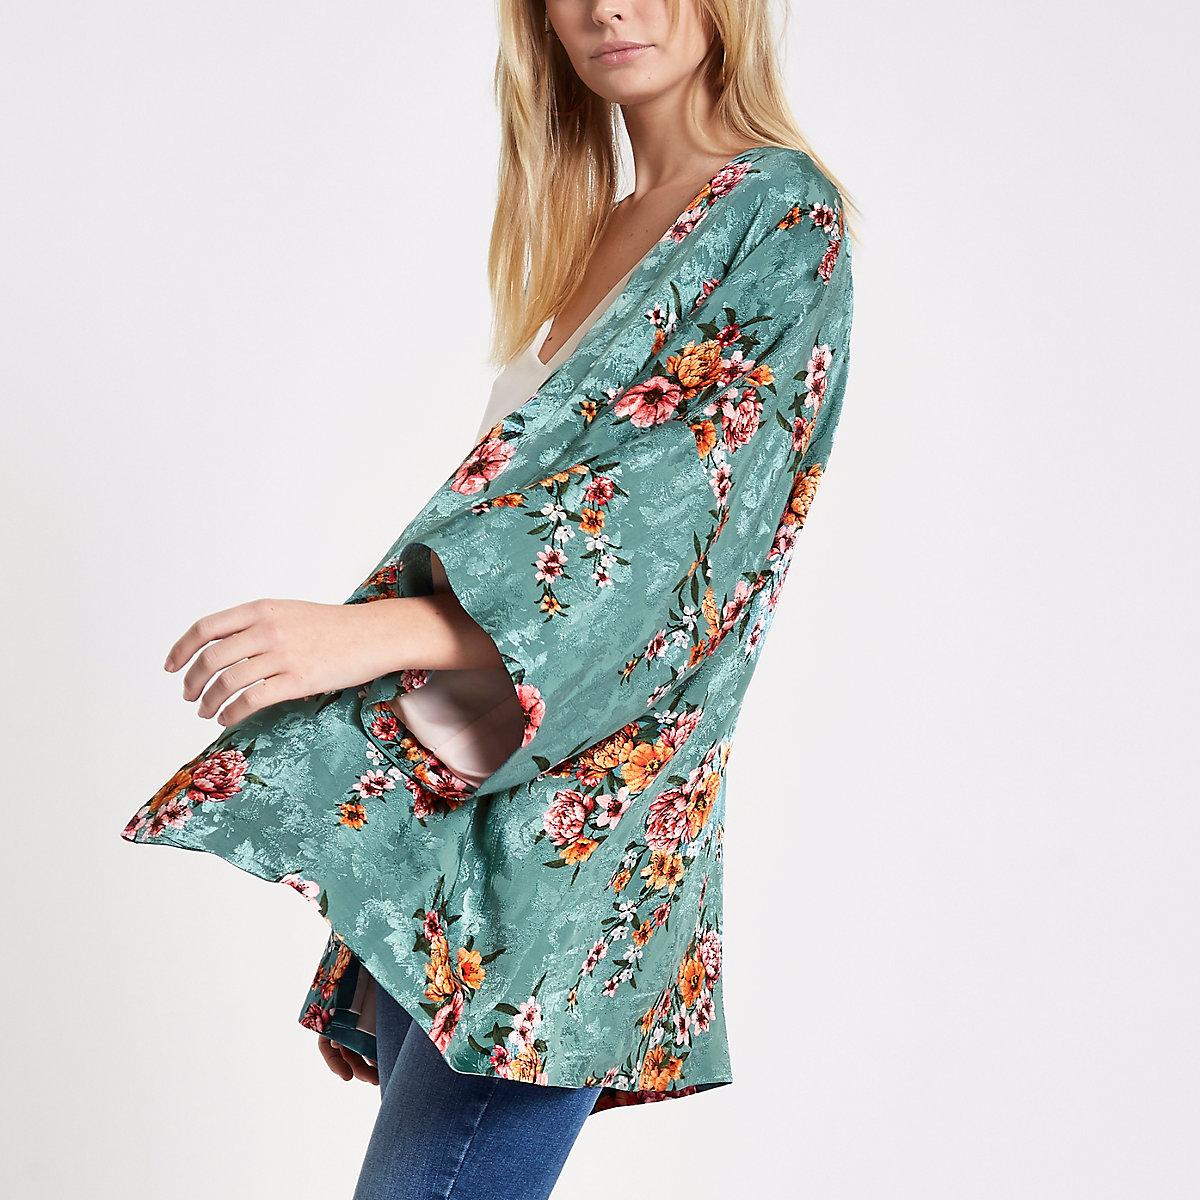 Turquoise floral print cropped kimono